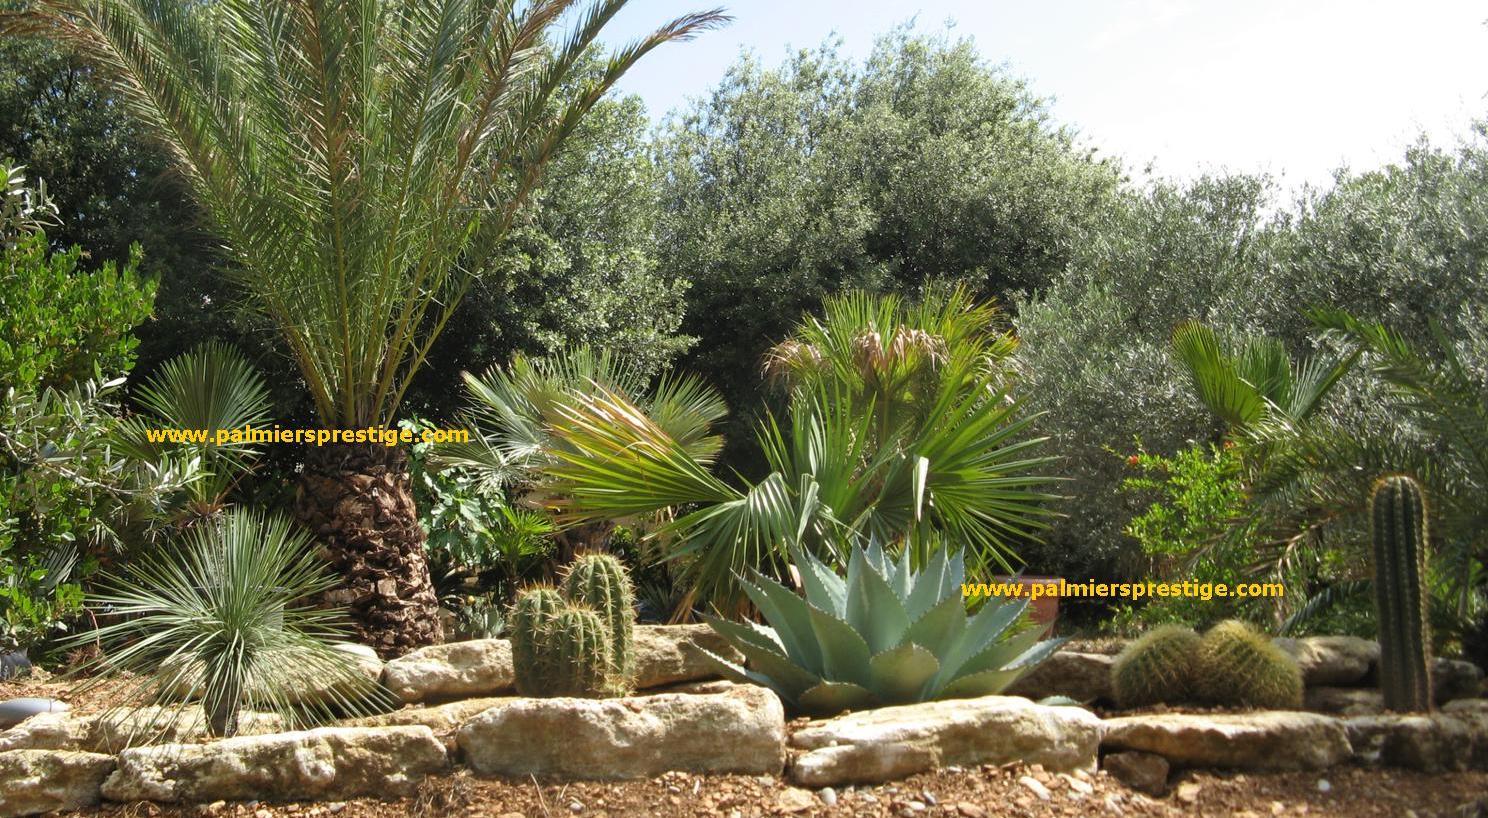 Palmiers prestige vente de palmiers et cocotiers d for Plante de jardin exterieur